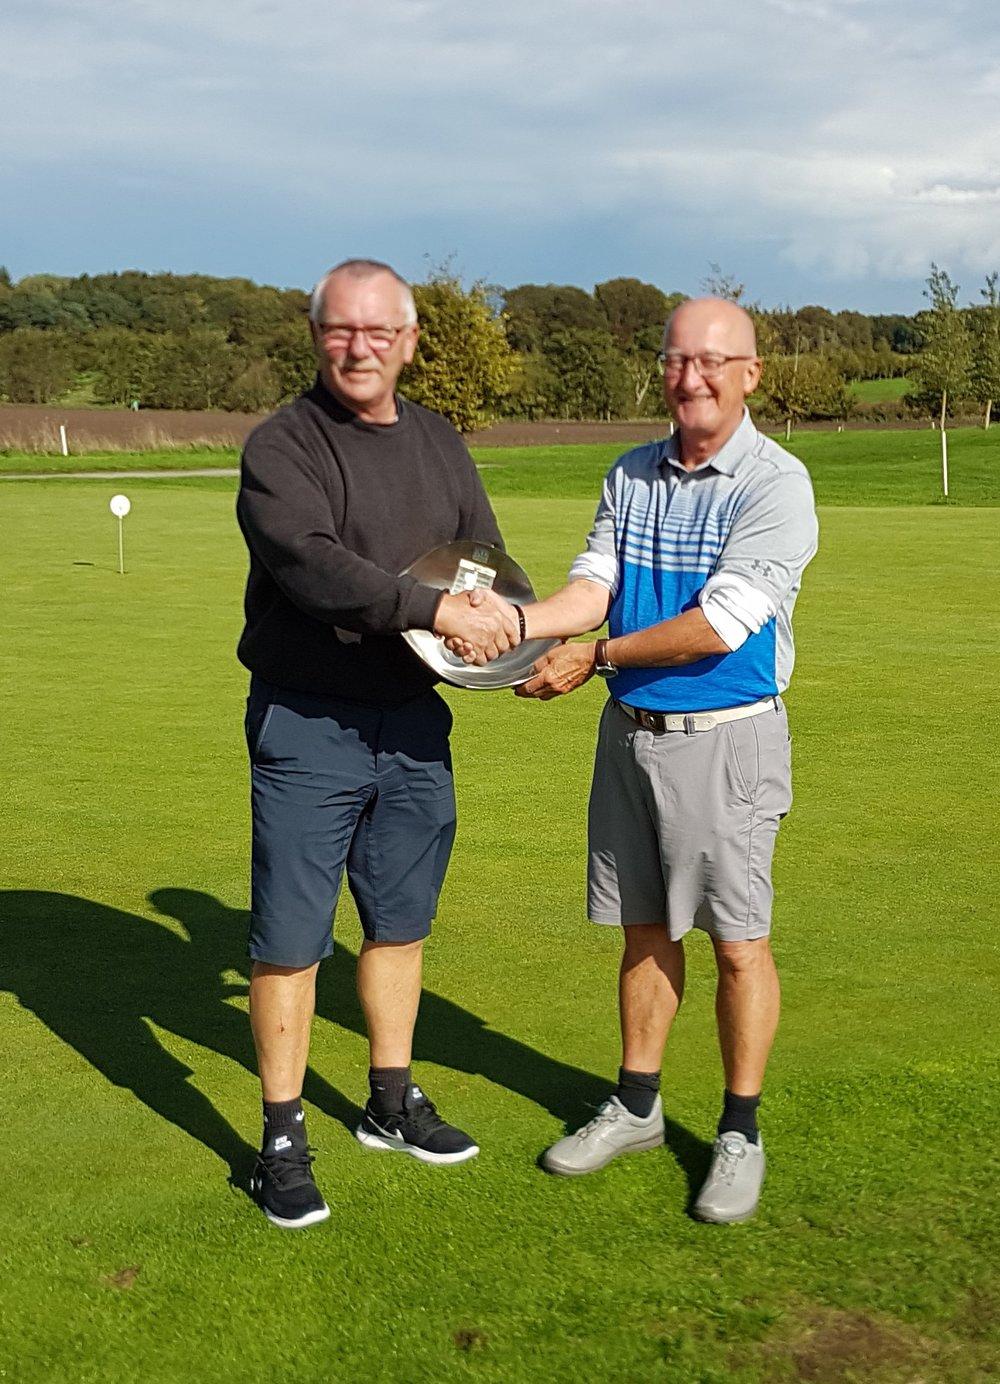 I klubdysten i venskabsturneringen vandt Randers Golf Klub suverænt med 1289 point mod Randers Fjord Golfklub på 1191 point.